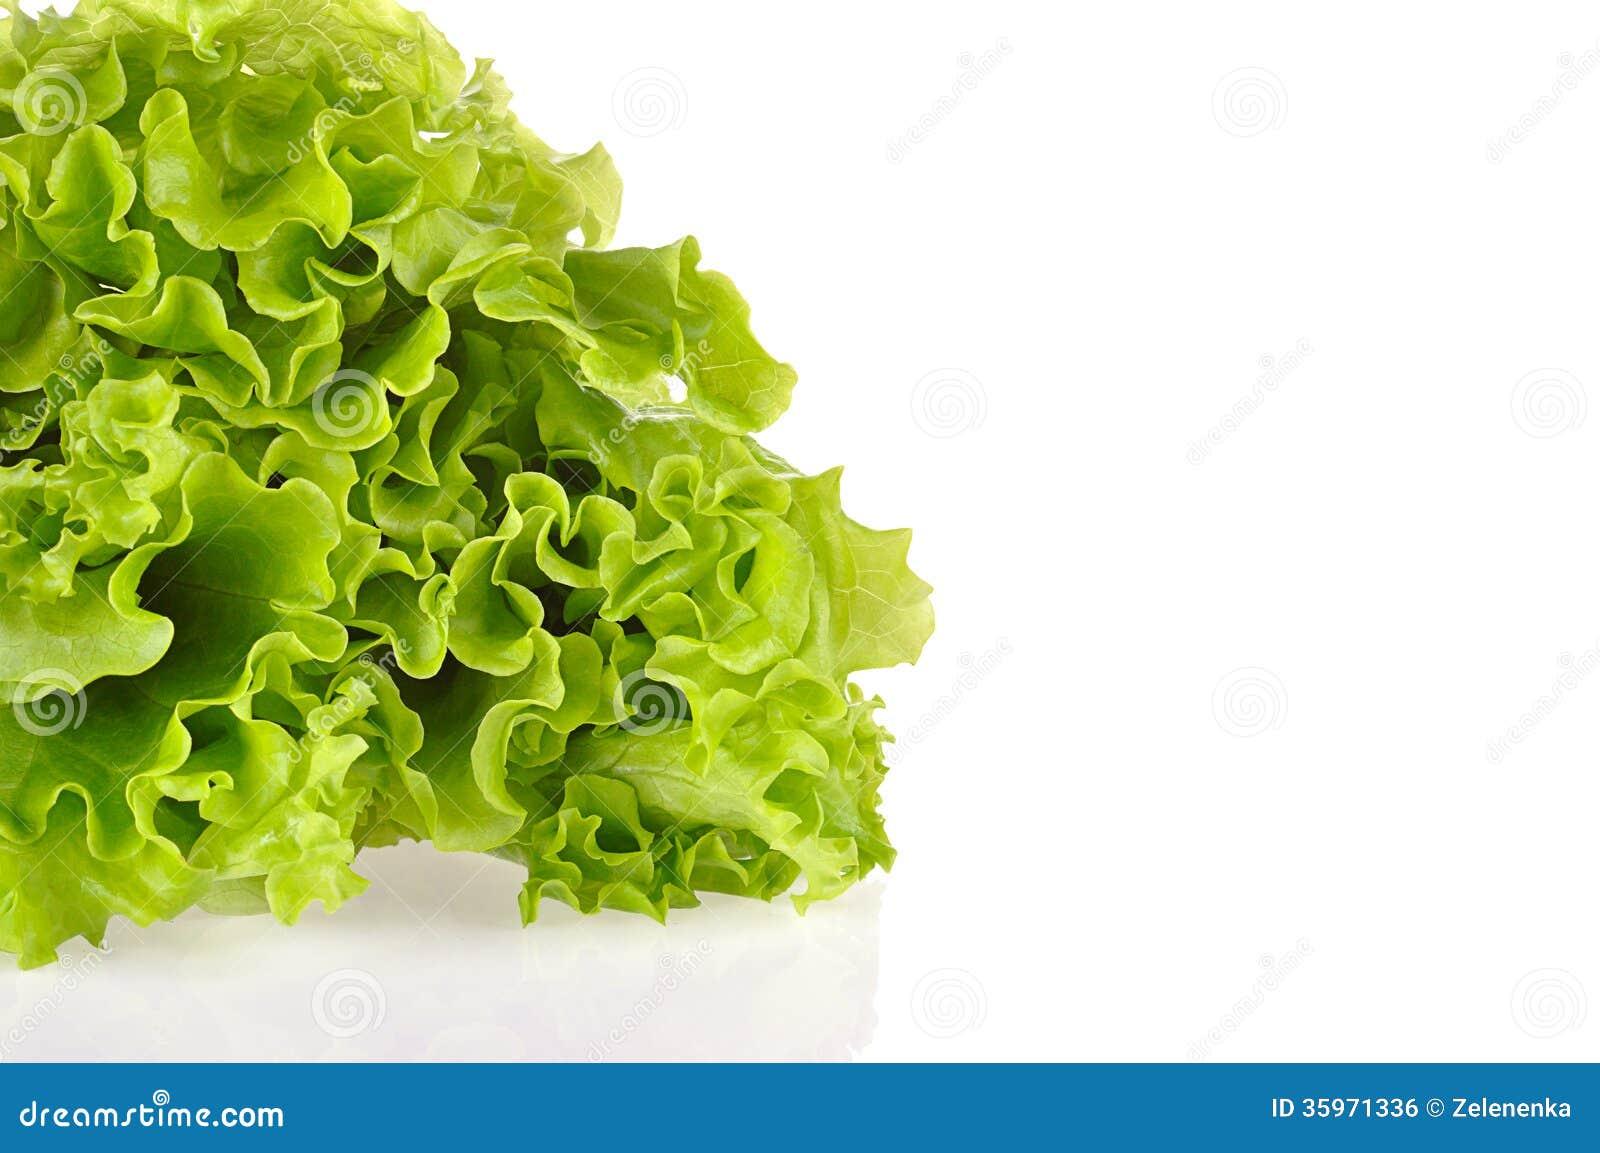 Hojas de la ensalada verde aisladas en un fondo blanco